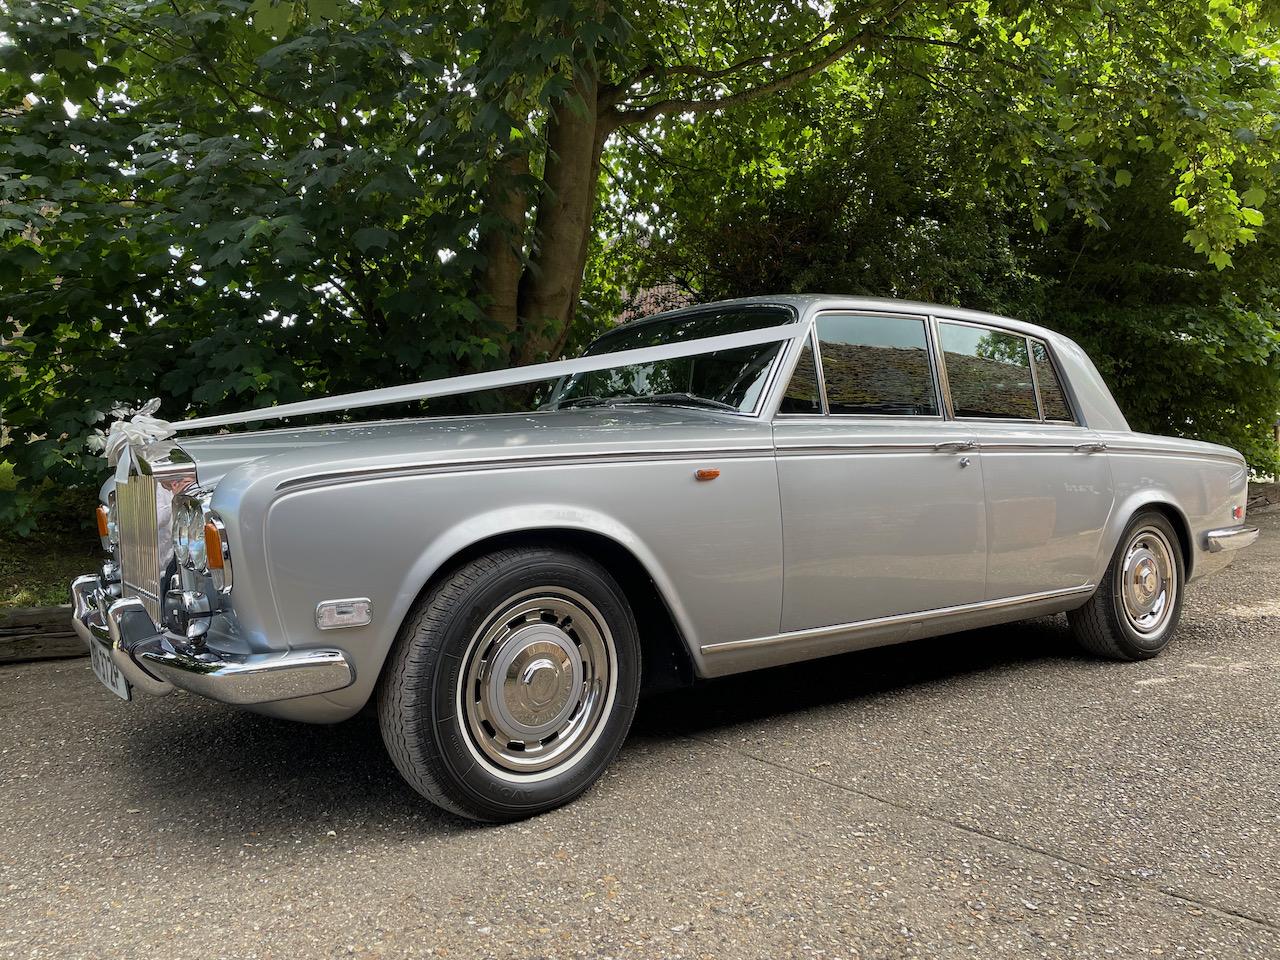 FRANK - 1975 Cream Rolls Royce Silver Shadow I